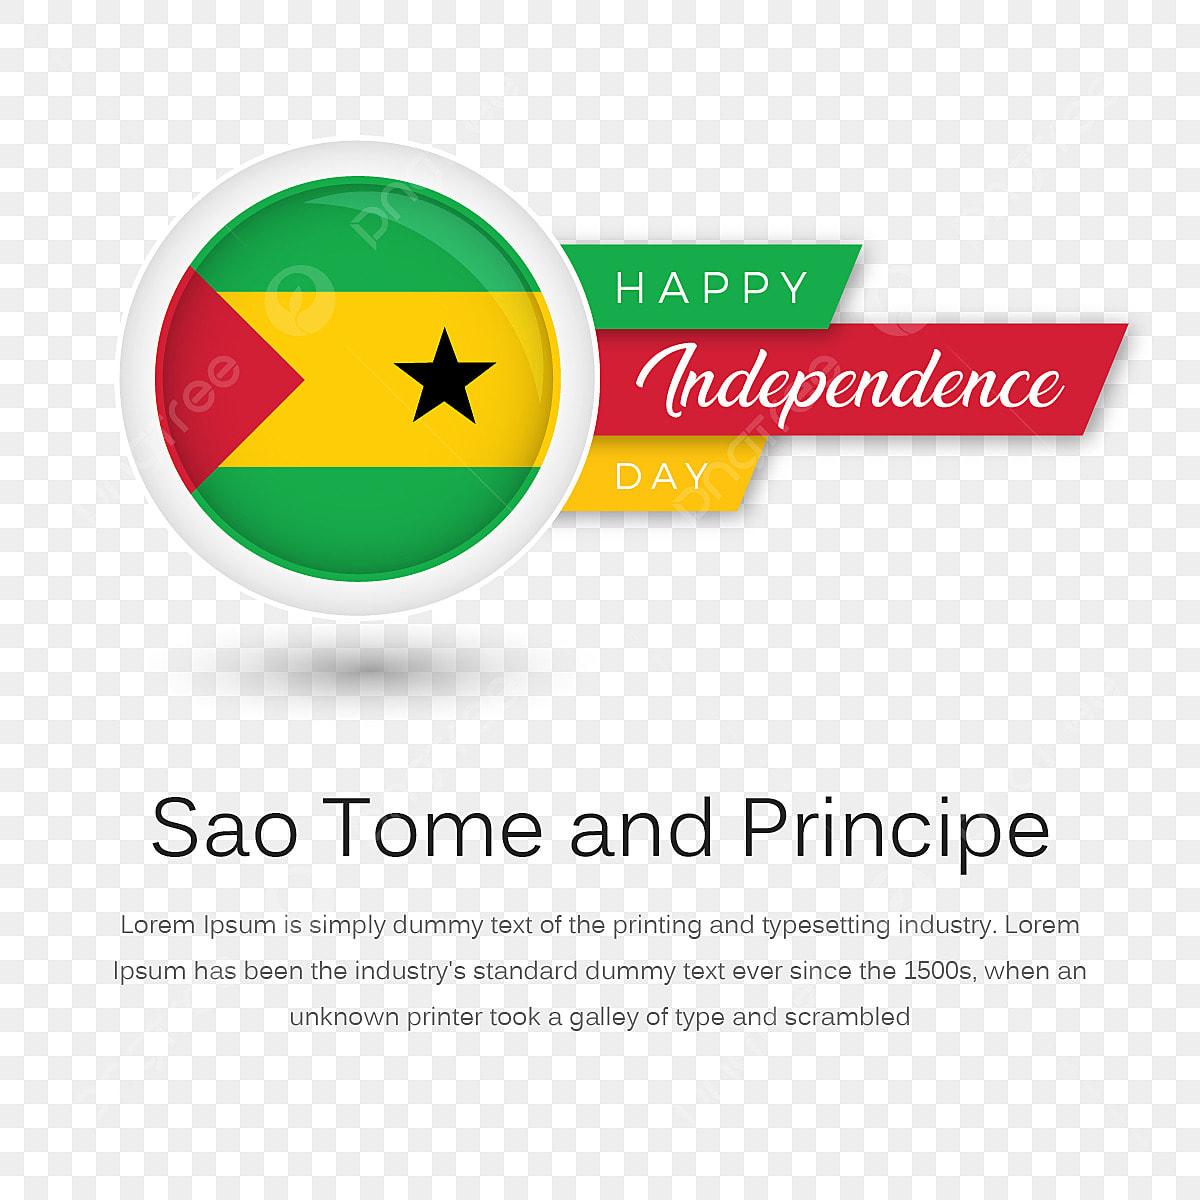 Santo Tome Y Principe Feliz Dia De La Independencia Con La Insignia